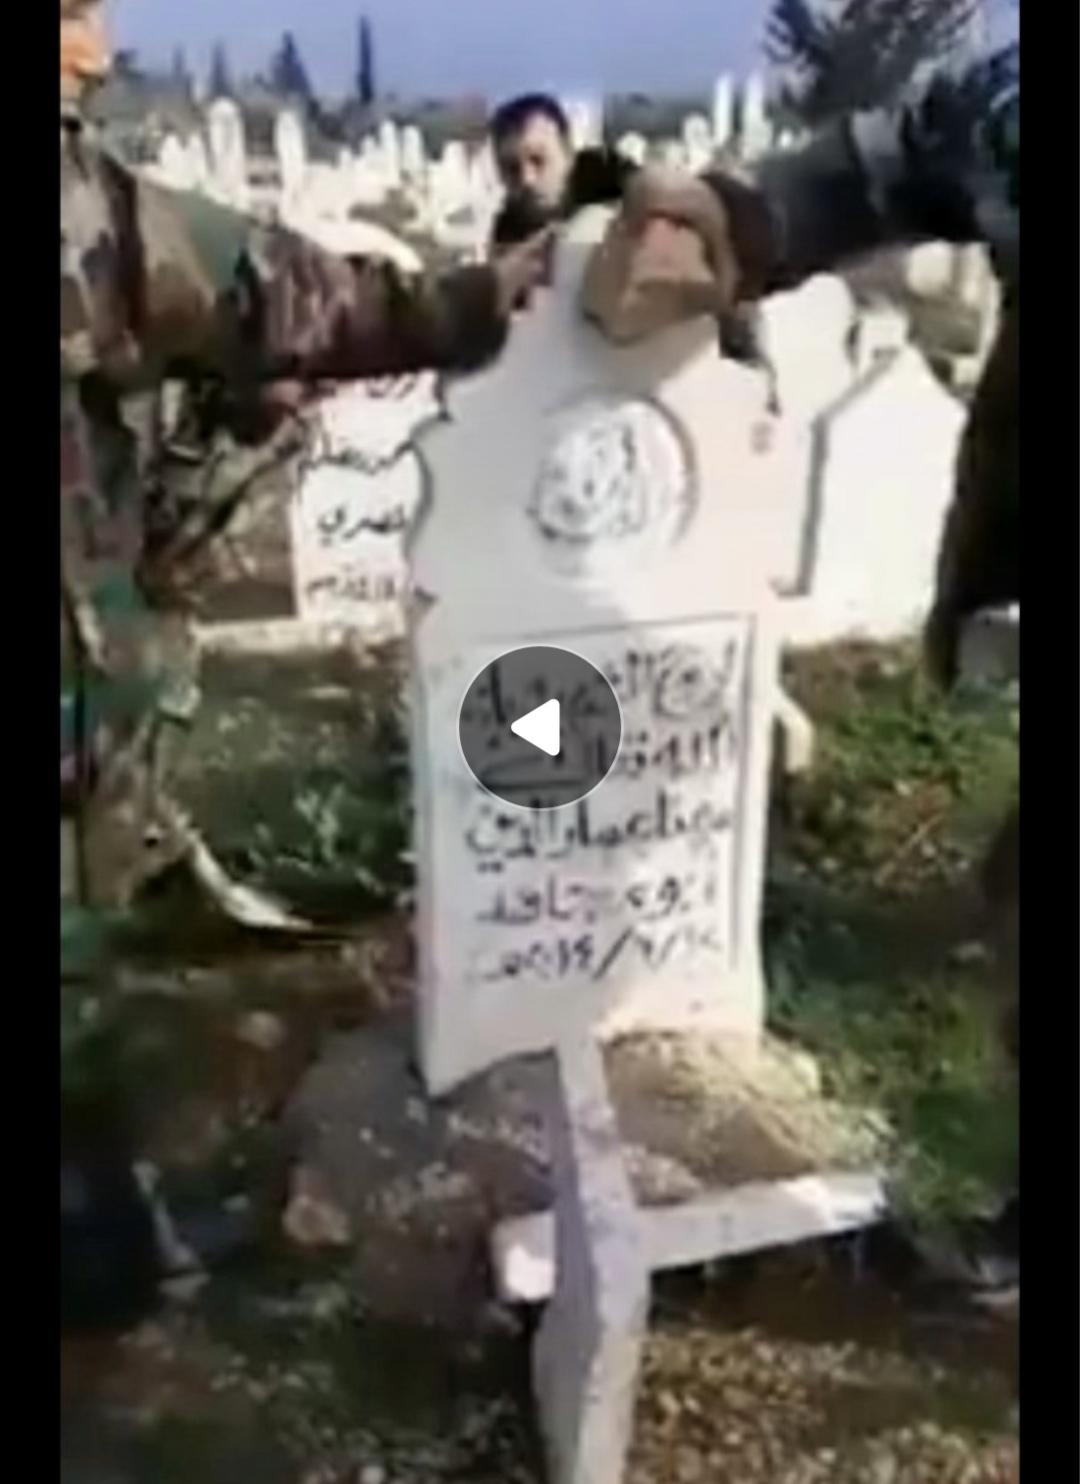 مليشيات الأسد تنبش قبور الثوار في خان السبل .. شاهد ماذا قالوا بالفيديو 1